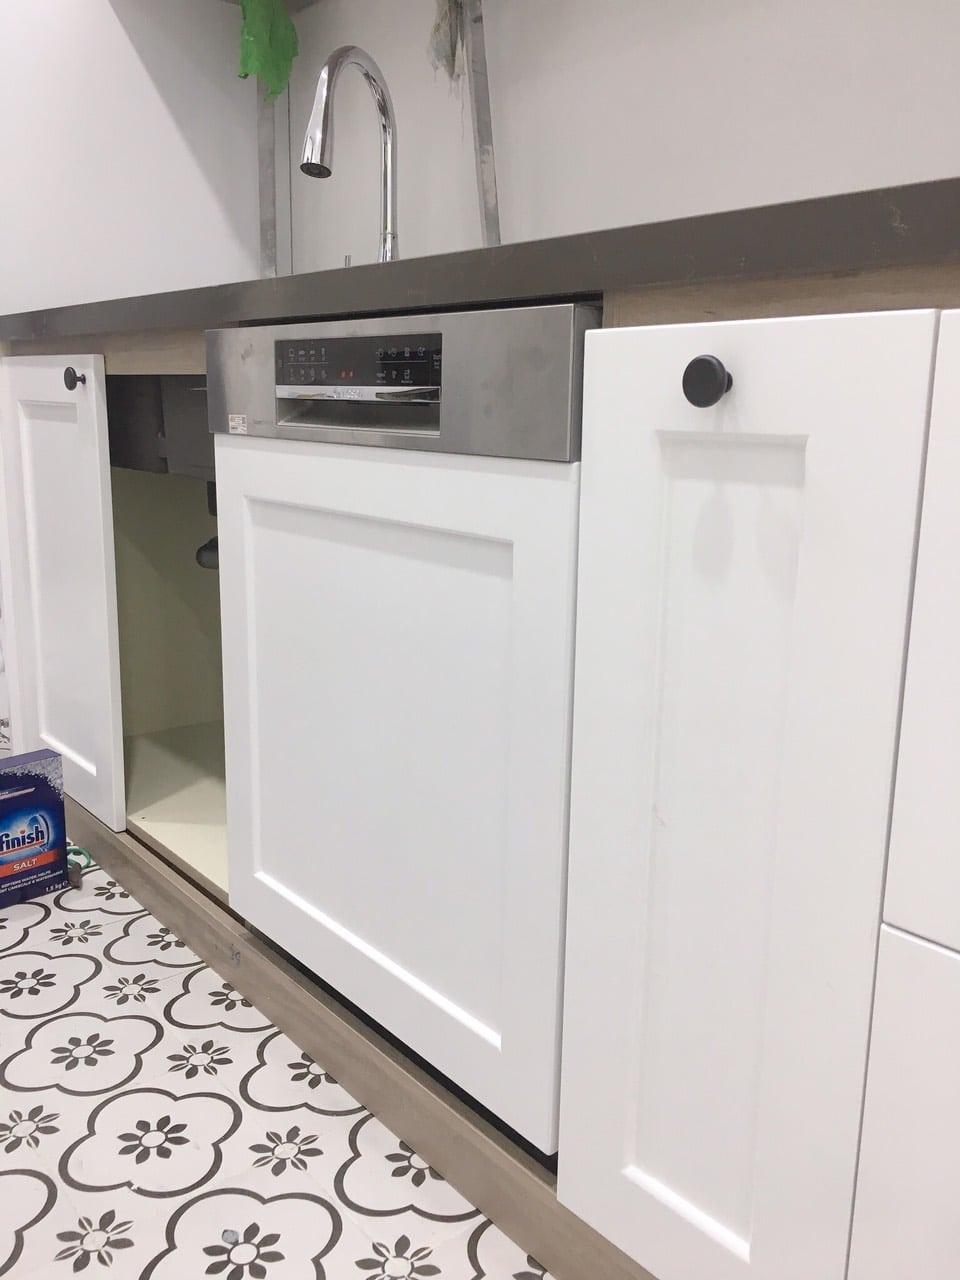 Hình ảnh thực tế khách hàng lắp Combo: Máy rửa bát, Bếp từ Bosch 7